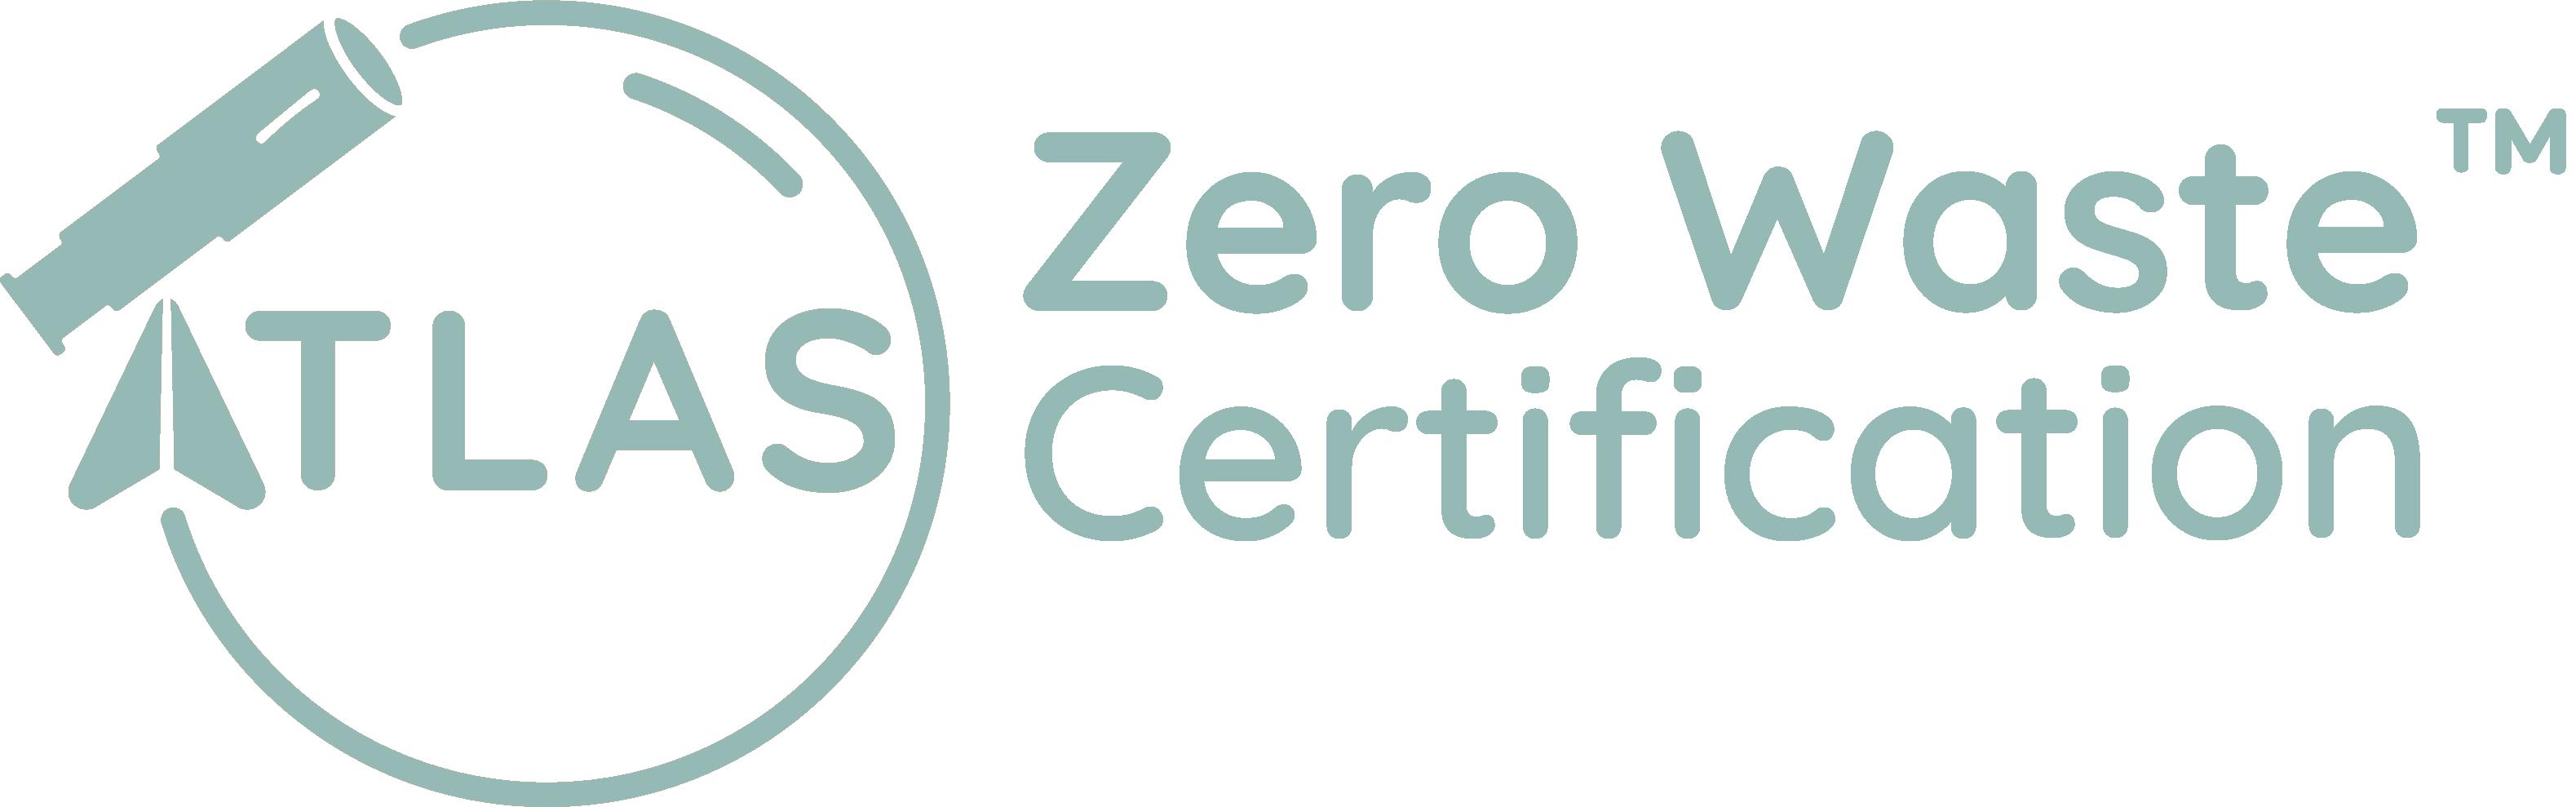 Atlas Zero Waste Certification logo